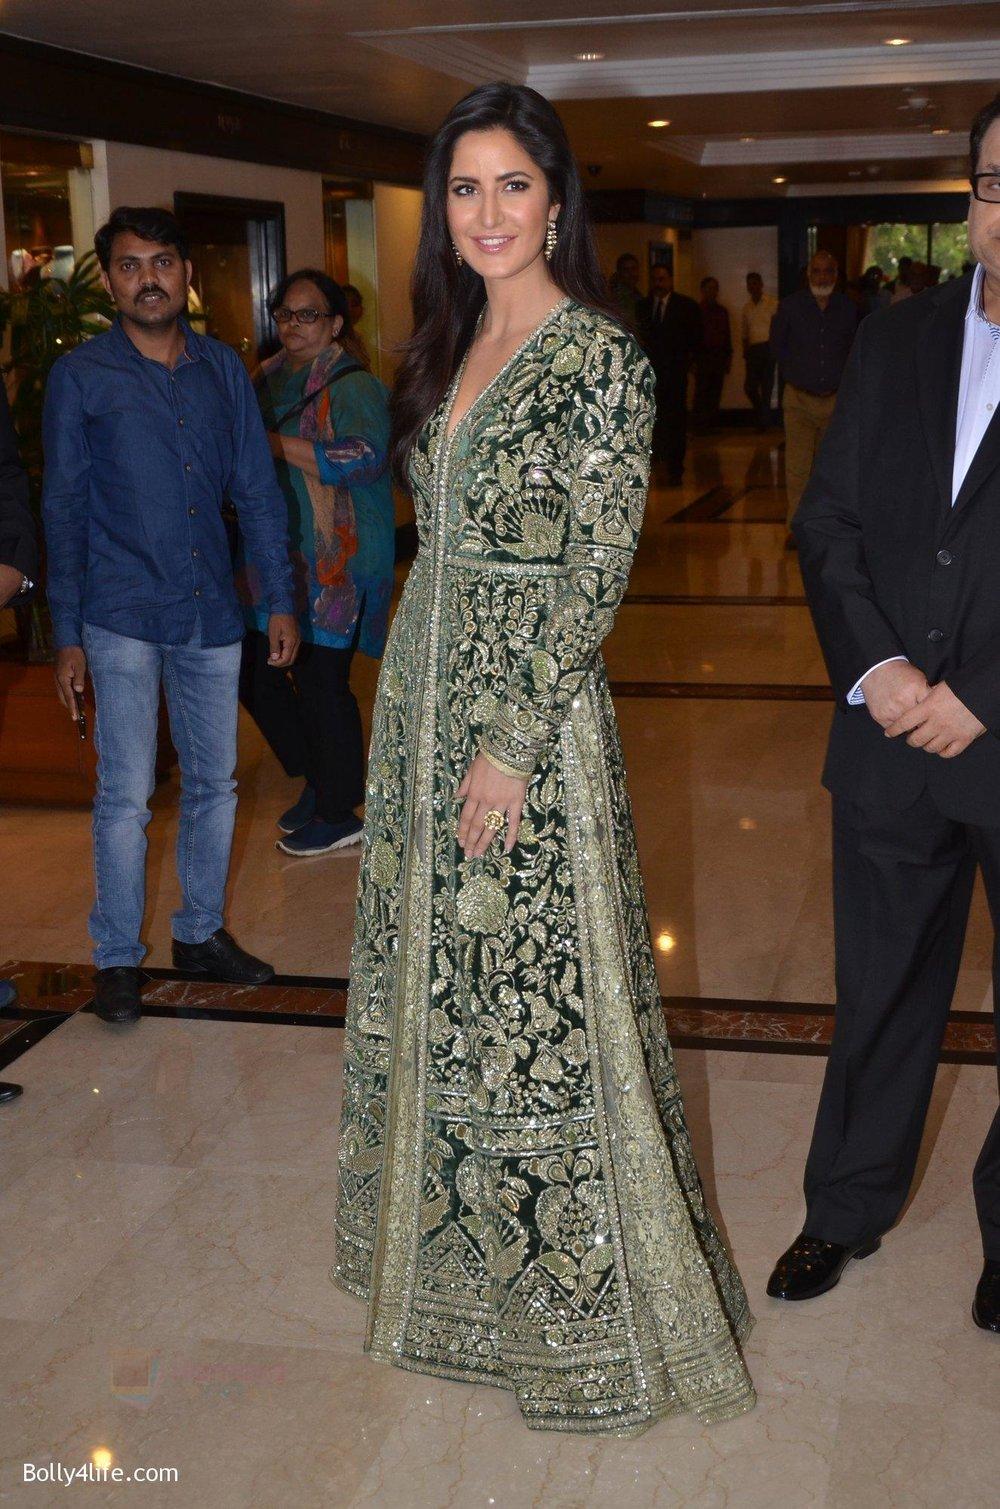 Katrina-Kaif-at-Priyadarshni-Award-on-19th-Set-2016-22.jpg